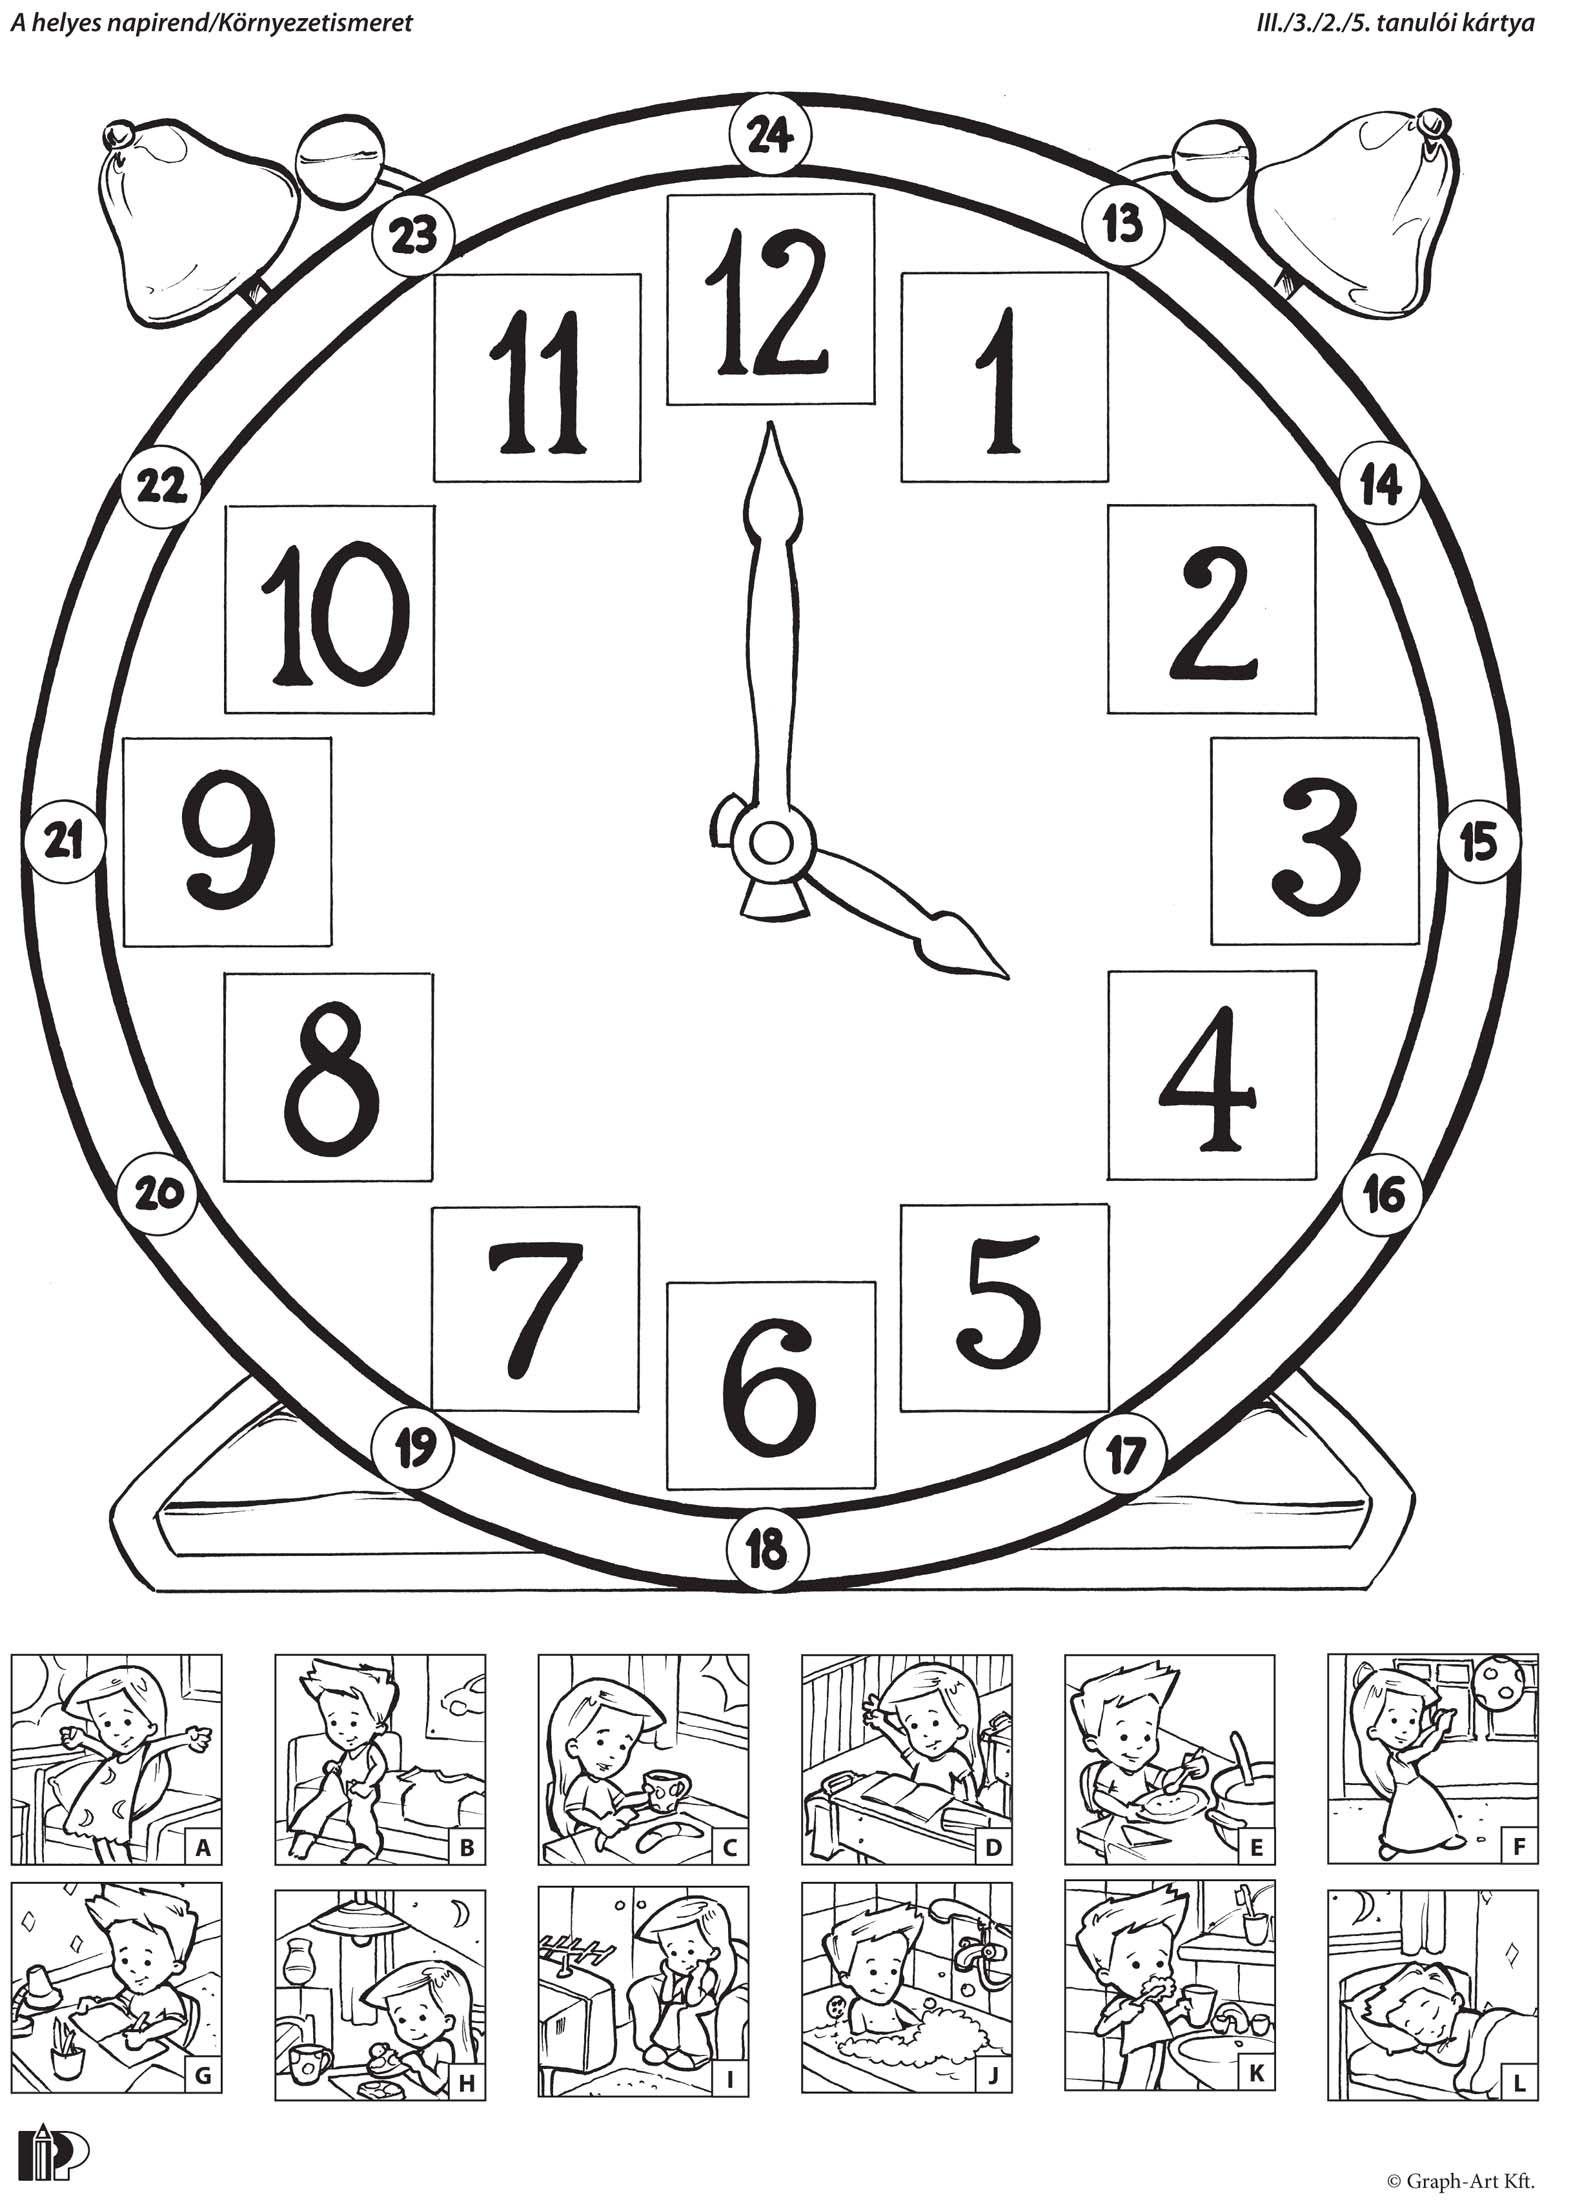 Uhrzeit lernen, Uhr, Zeiz, Mathe, 24 Stunden, Tagesablauf, Bilder, Bild, Abbildungen von Aktivitäten am Tag, verbinden